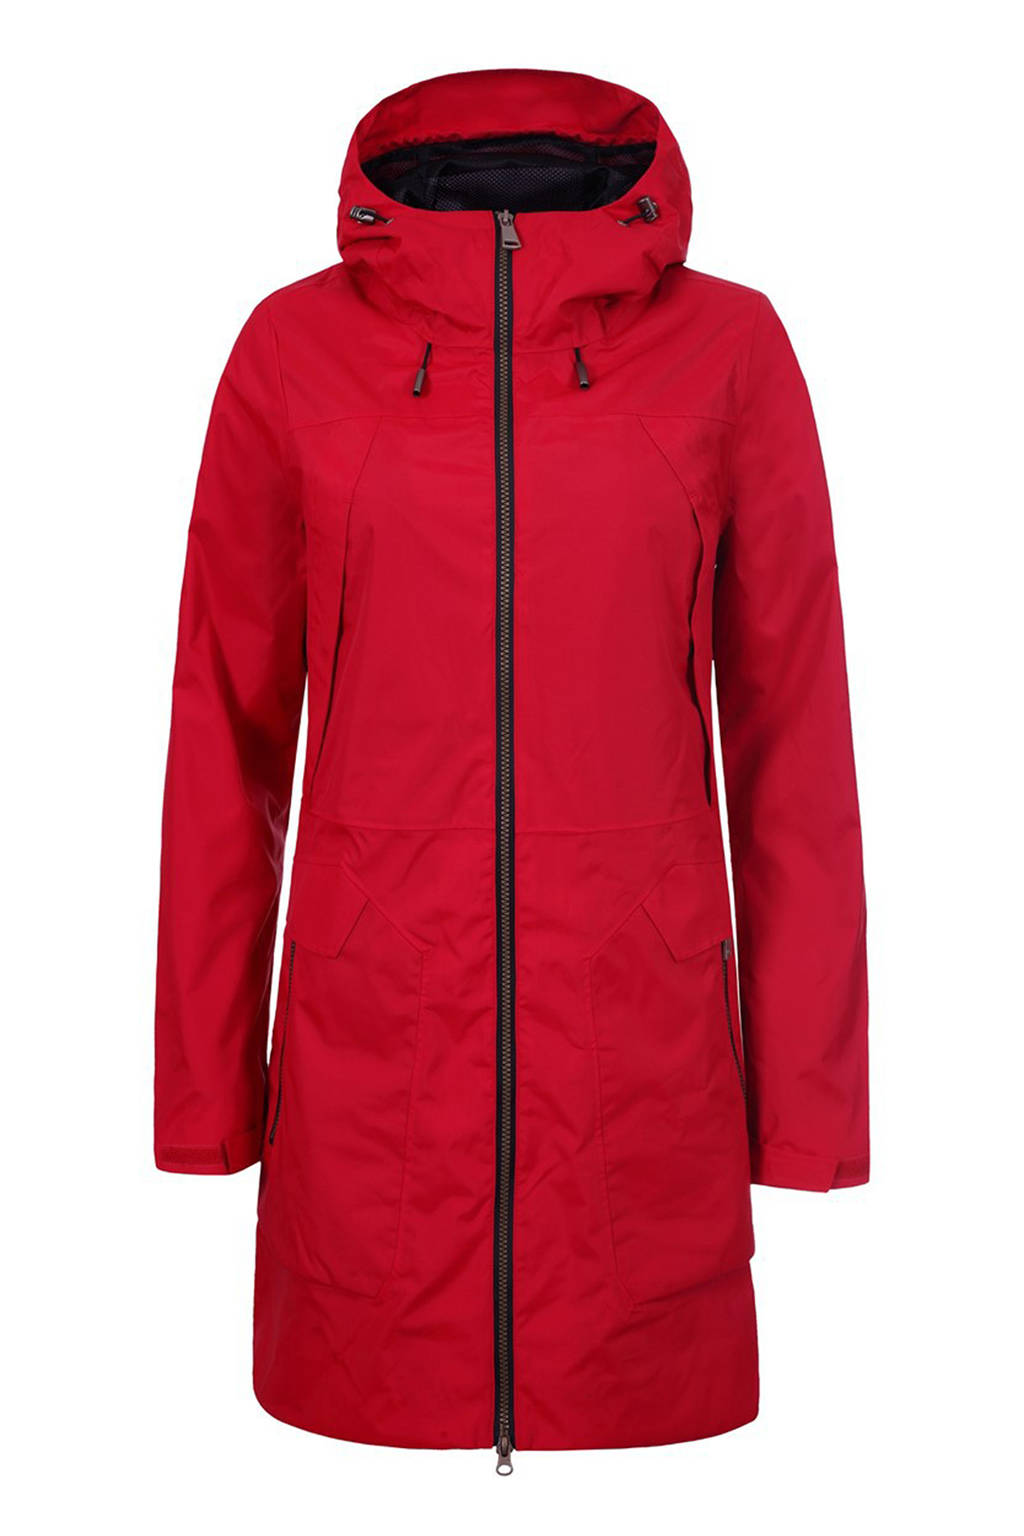 Luhta Gabi lange outdoorjas rood, Rood